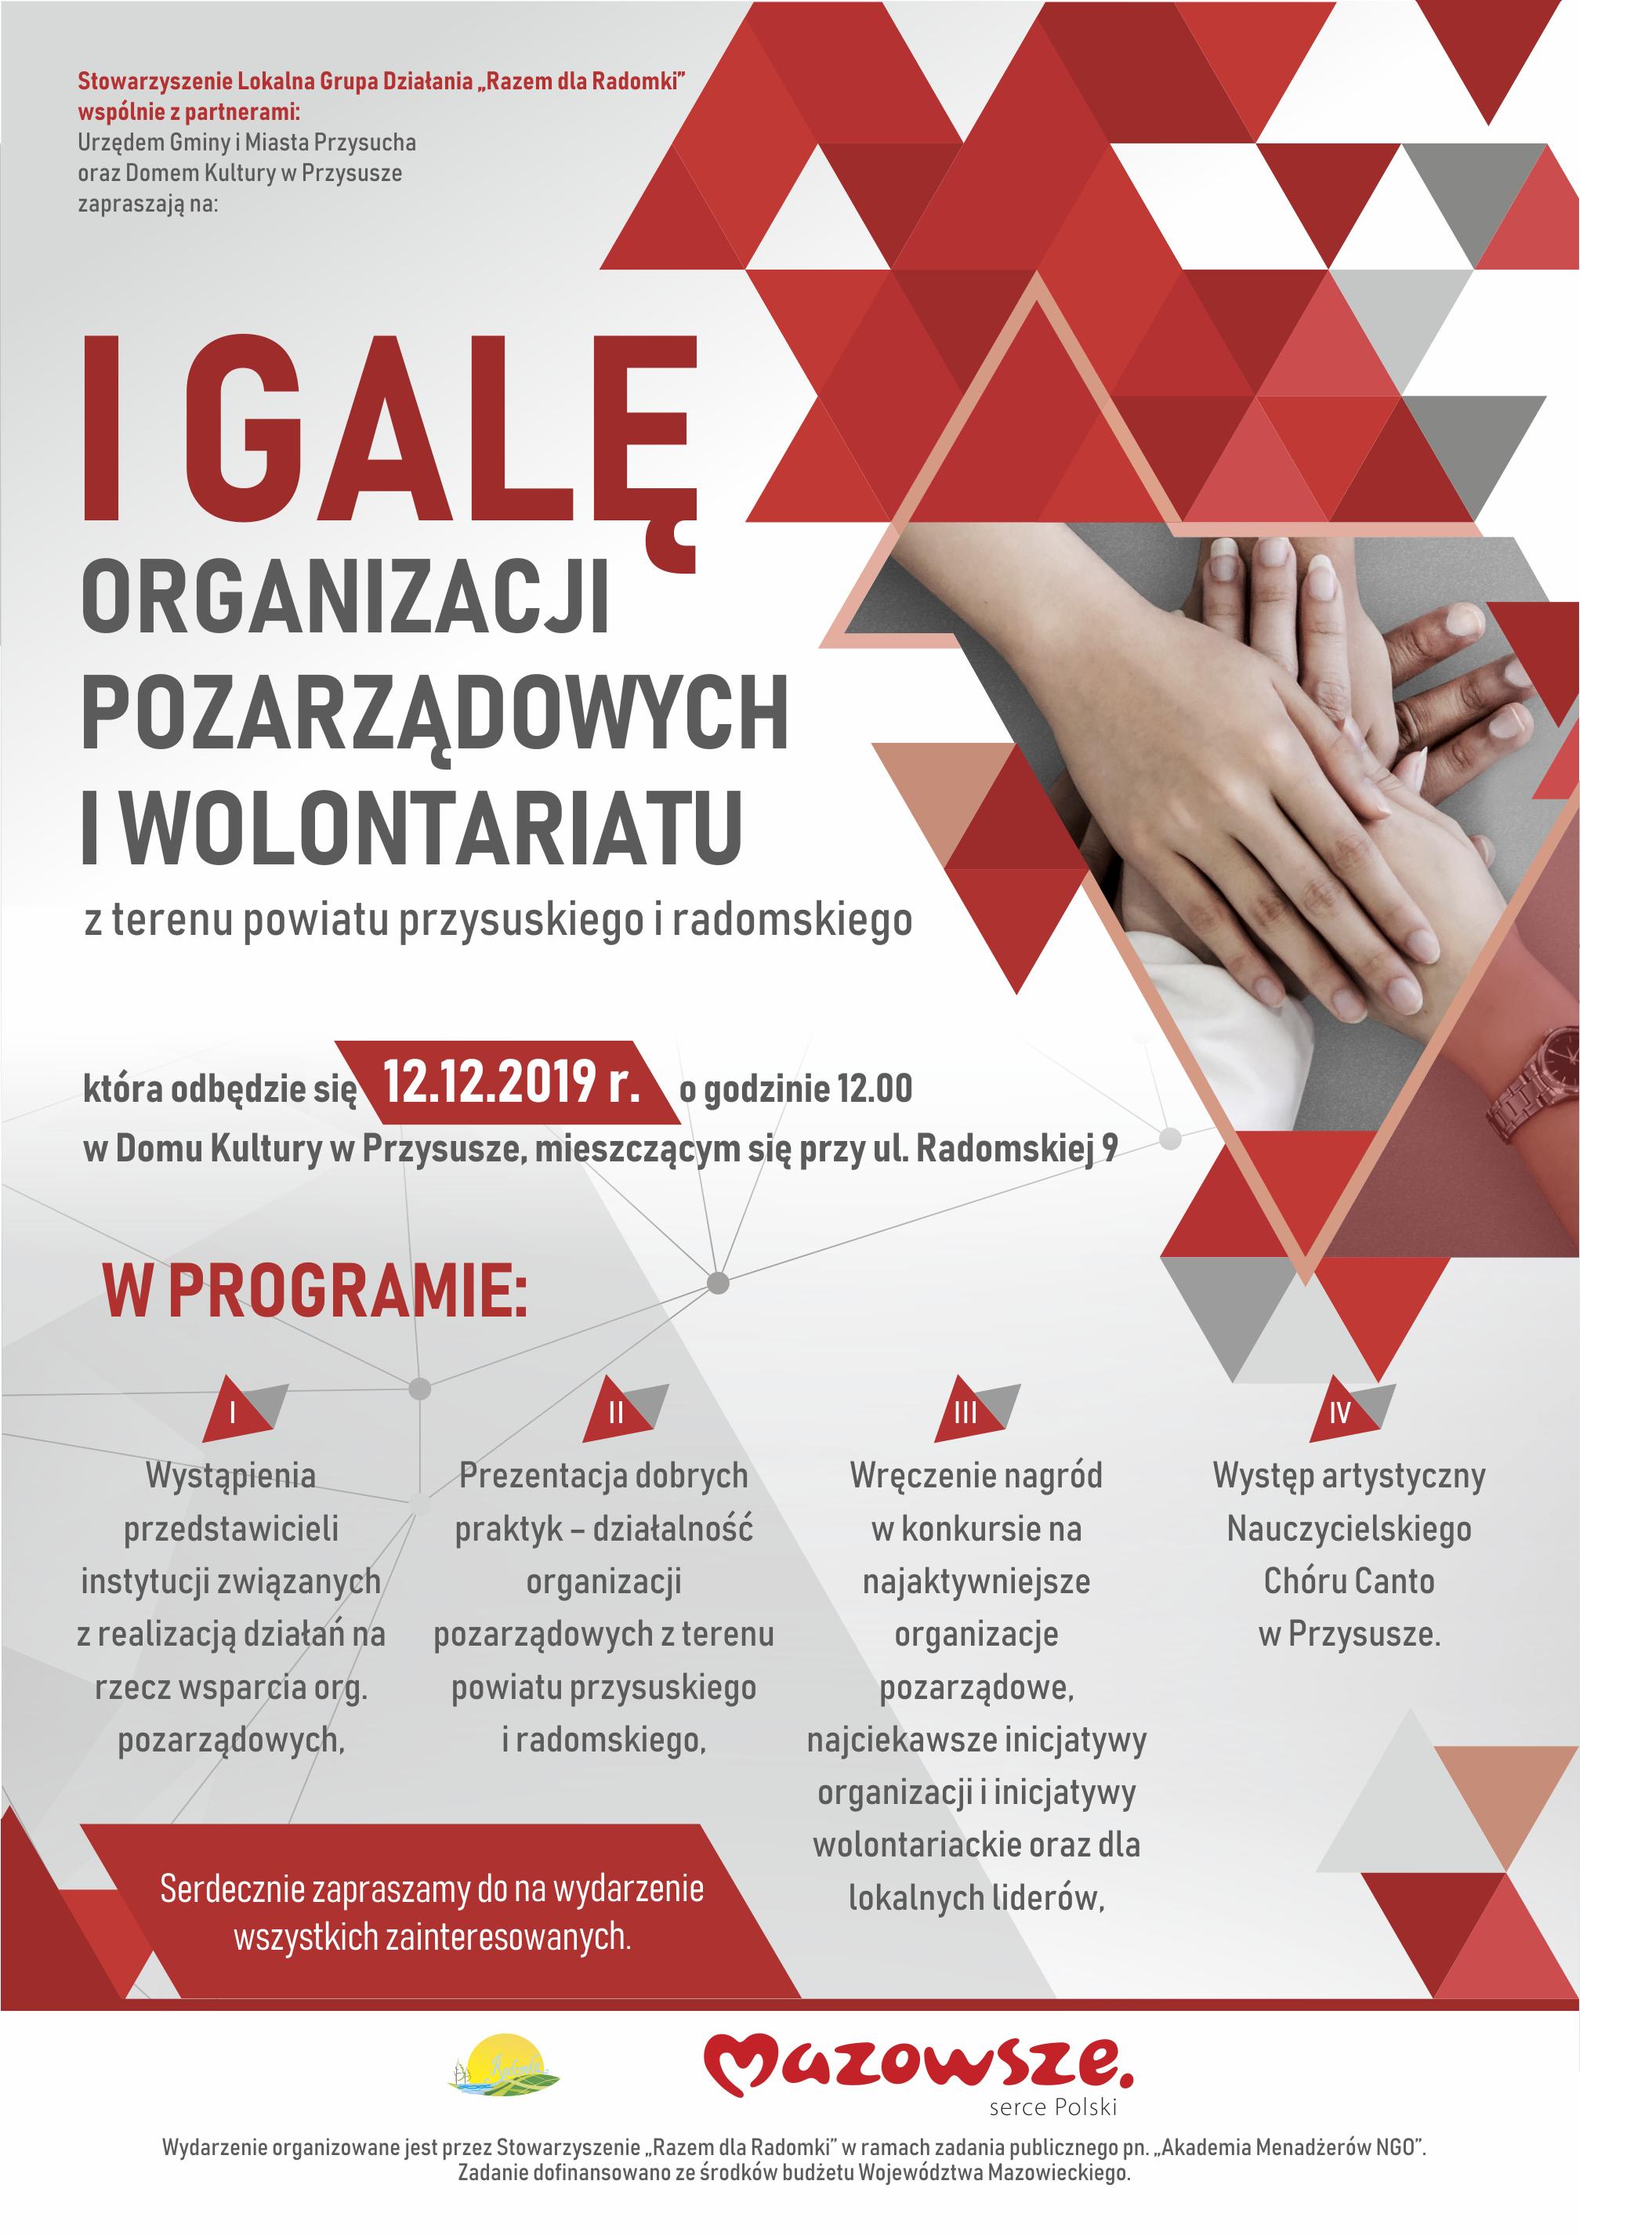 I Gala Organizacji Pozarządowych i Wolontariatu